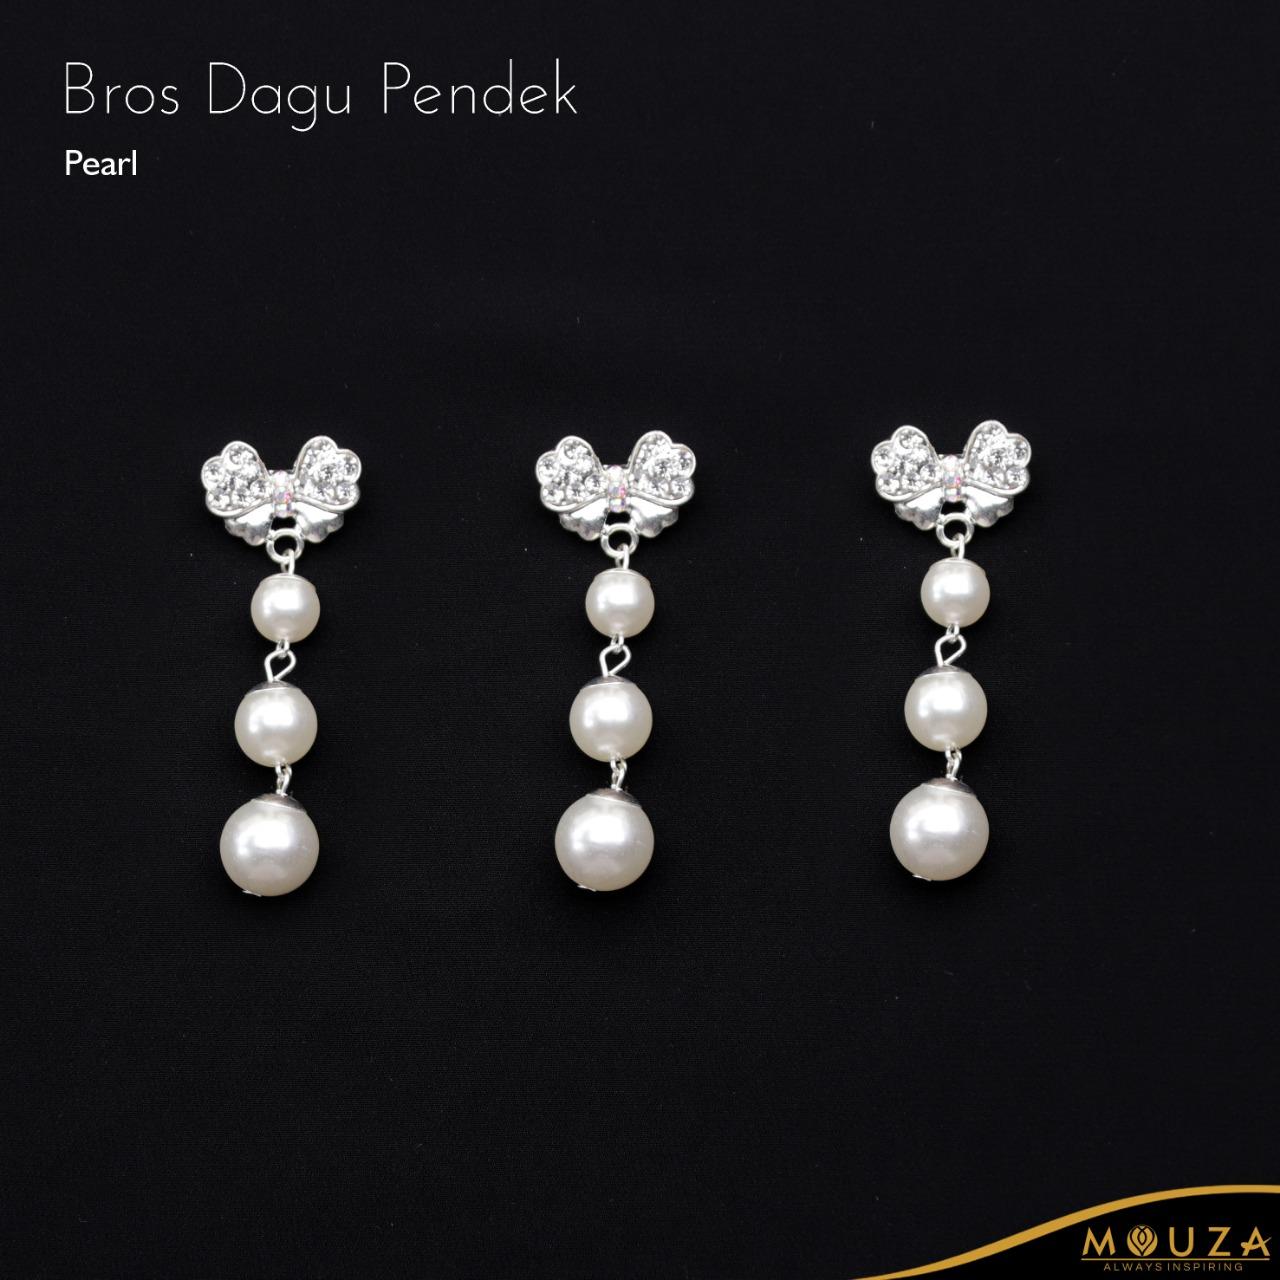 Bross Dagu Pendek  Pearl